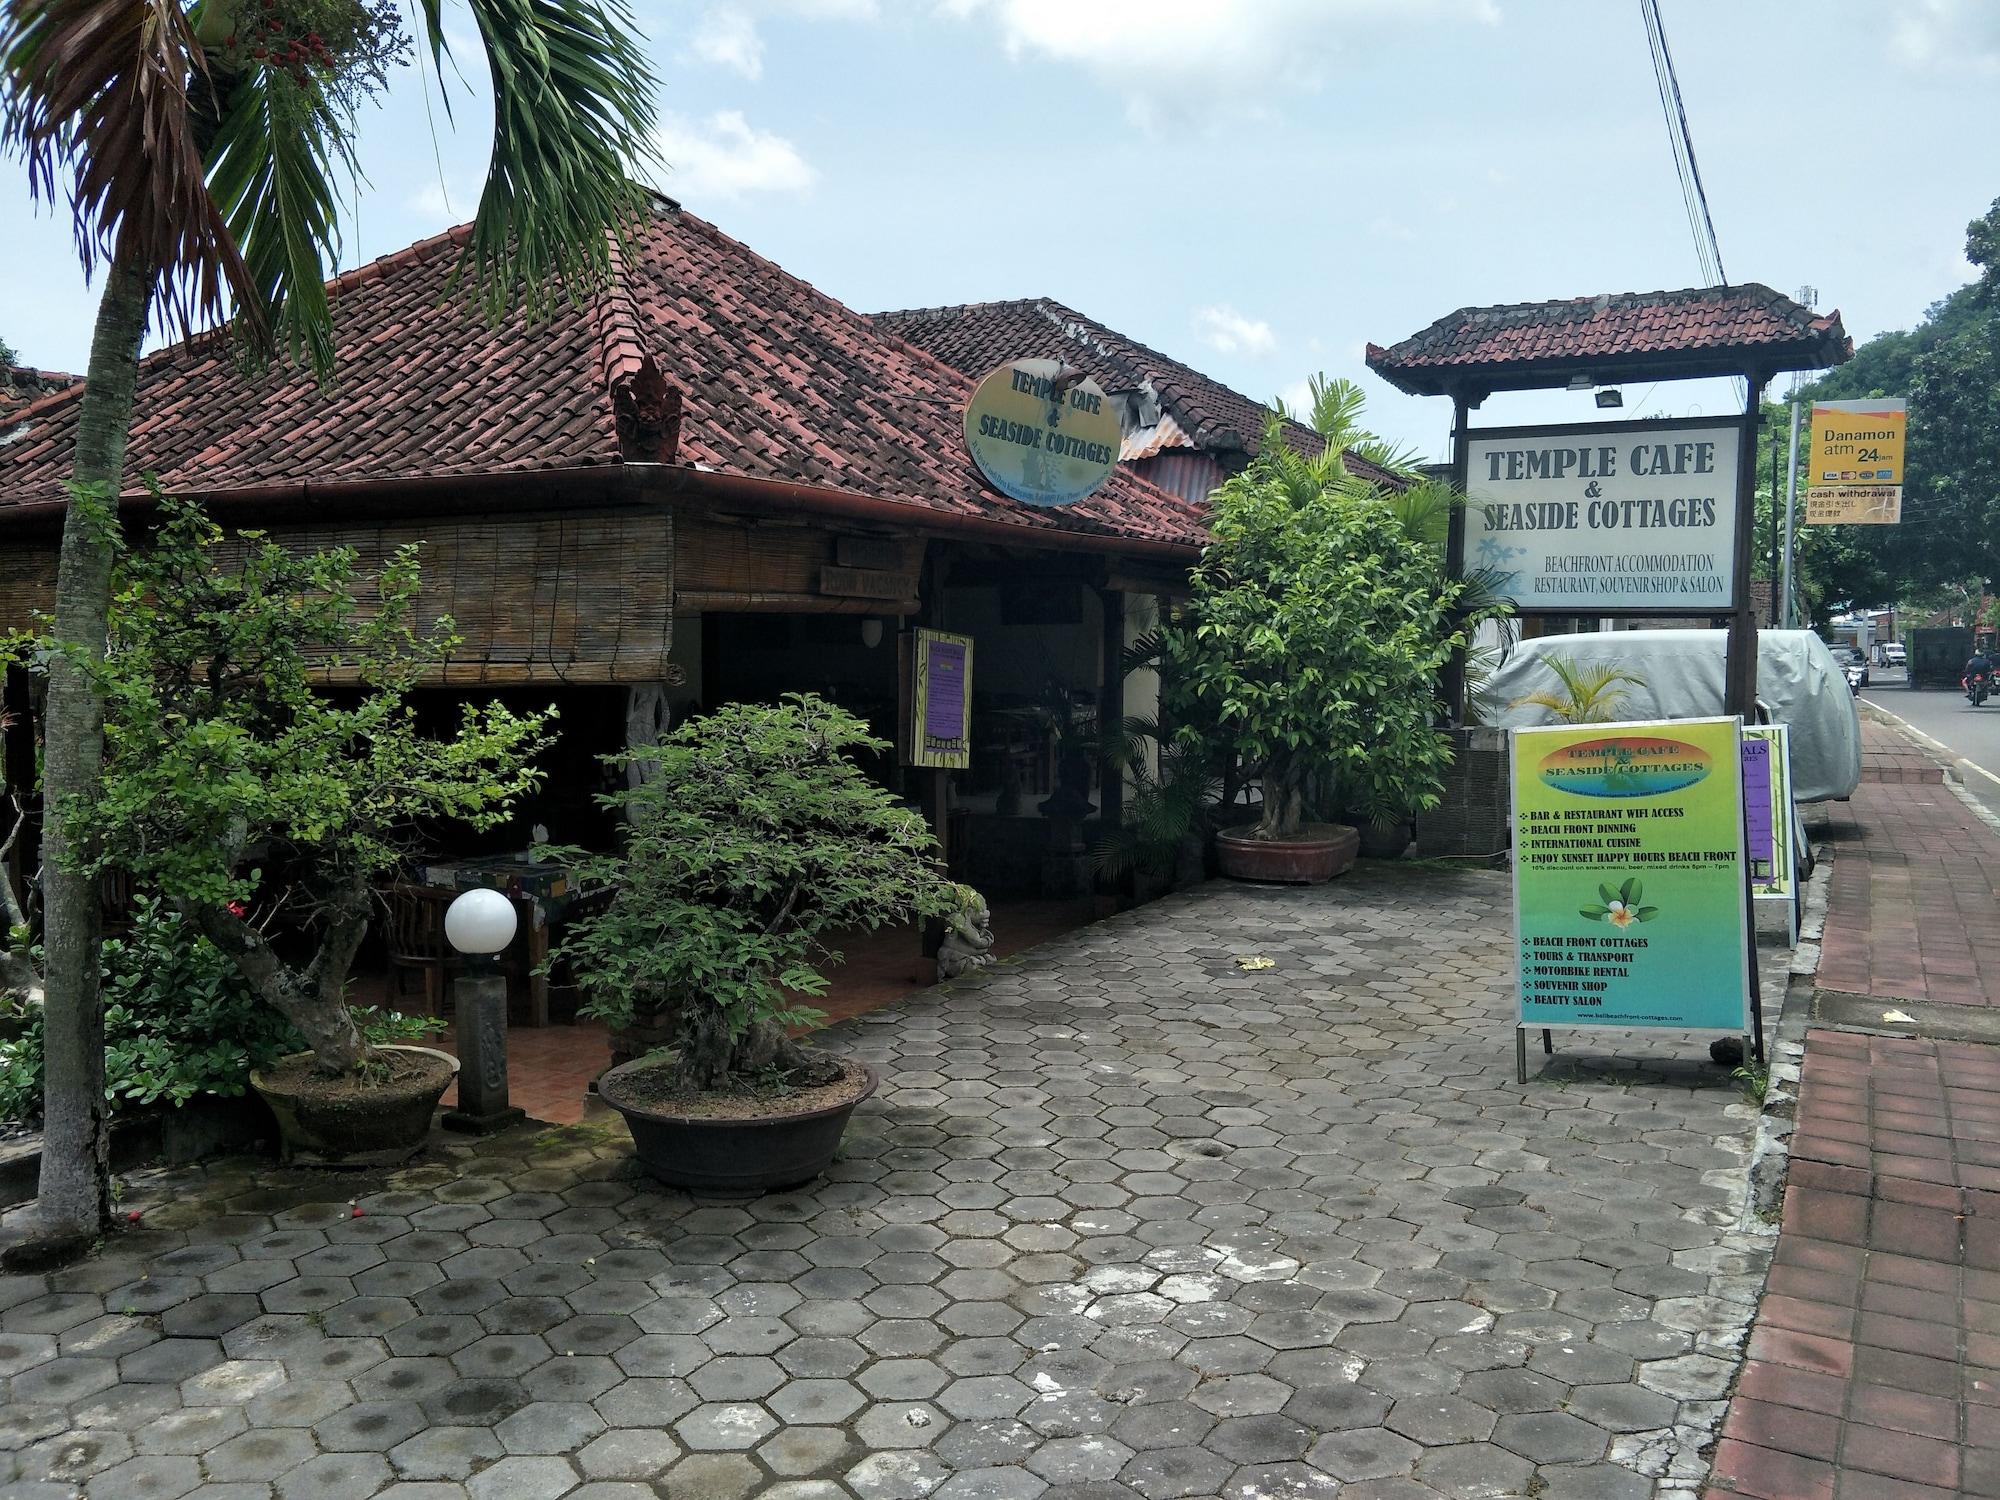 Temple Cafe & Seaside Cottages, Karangasem